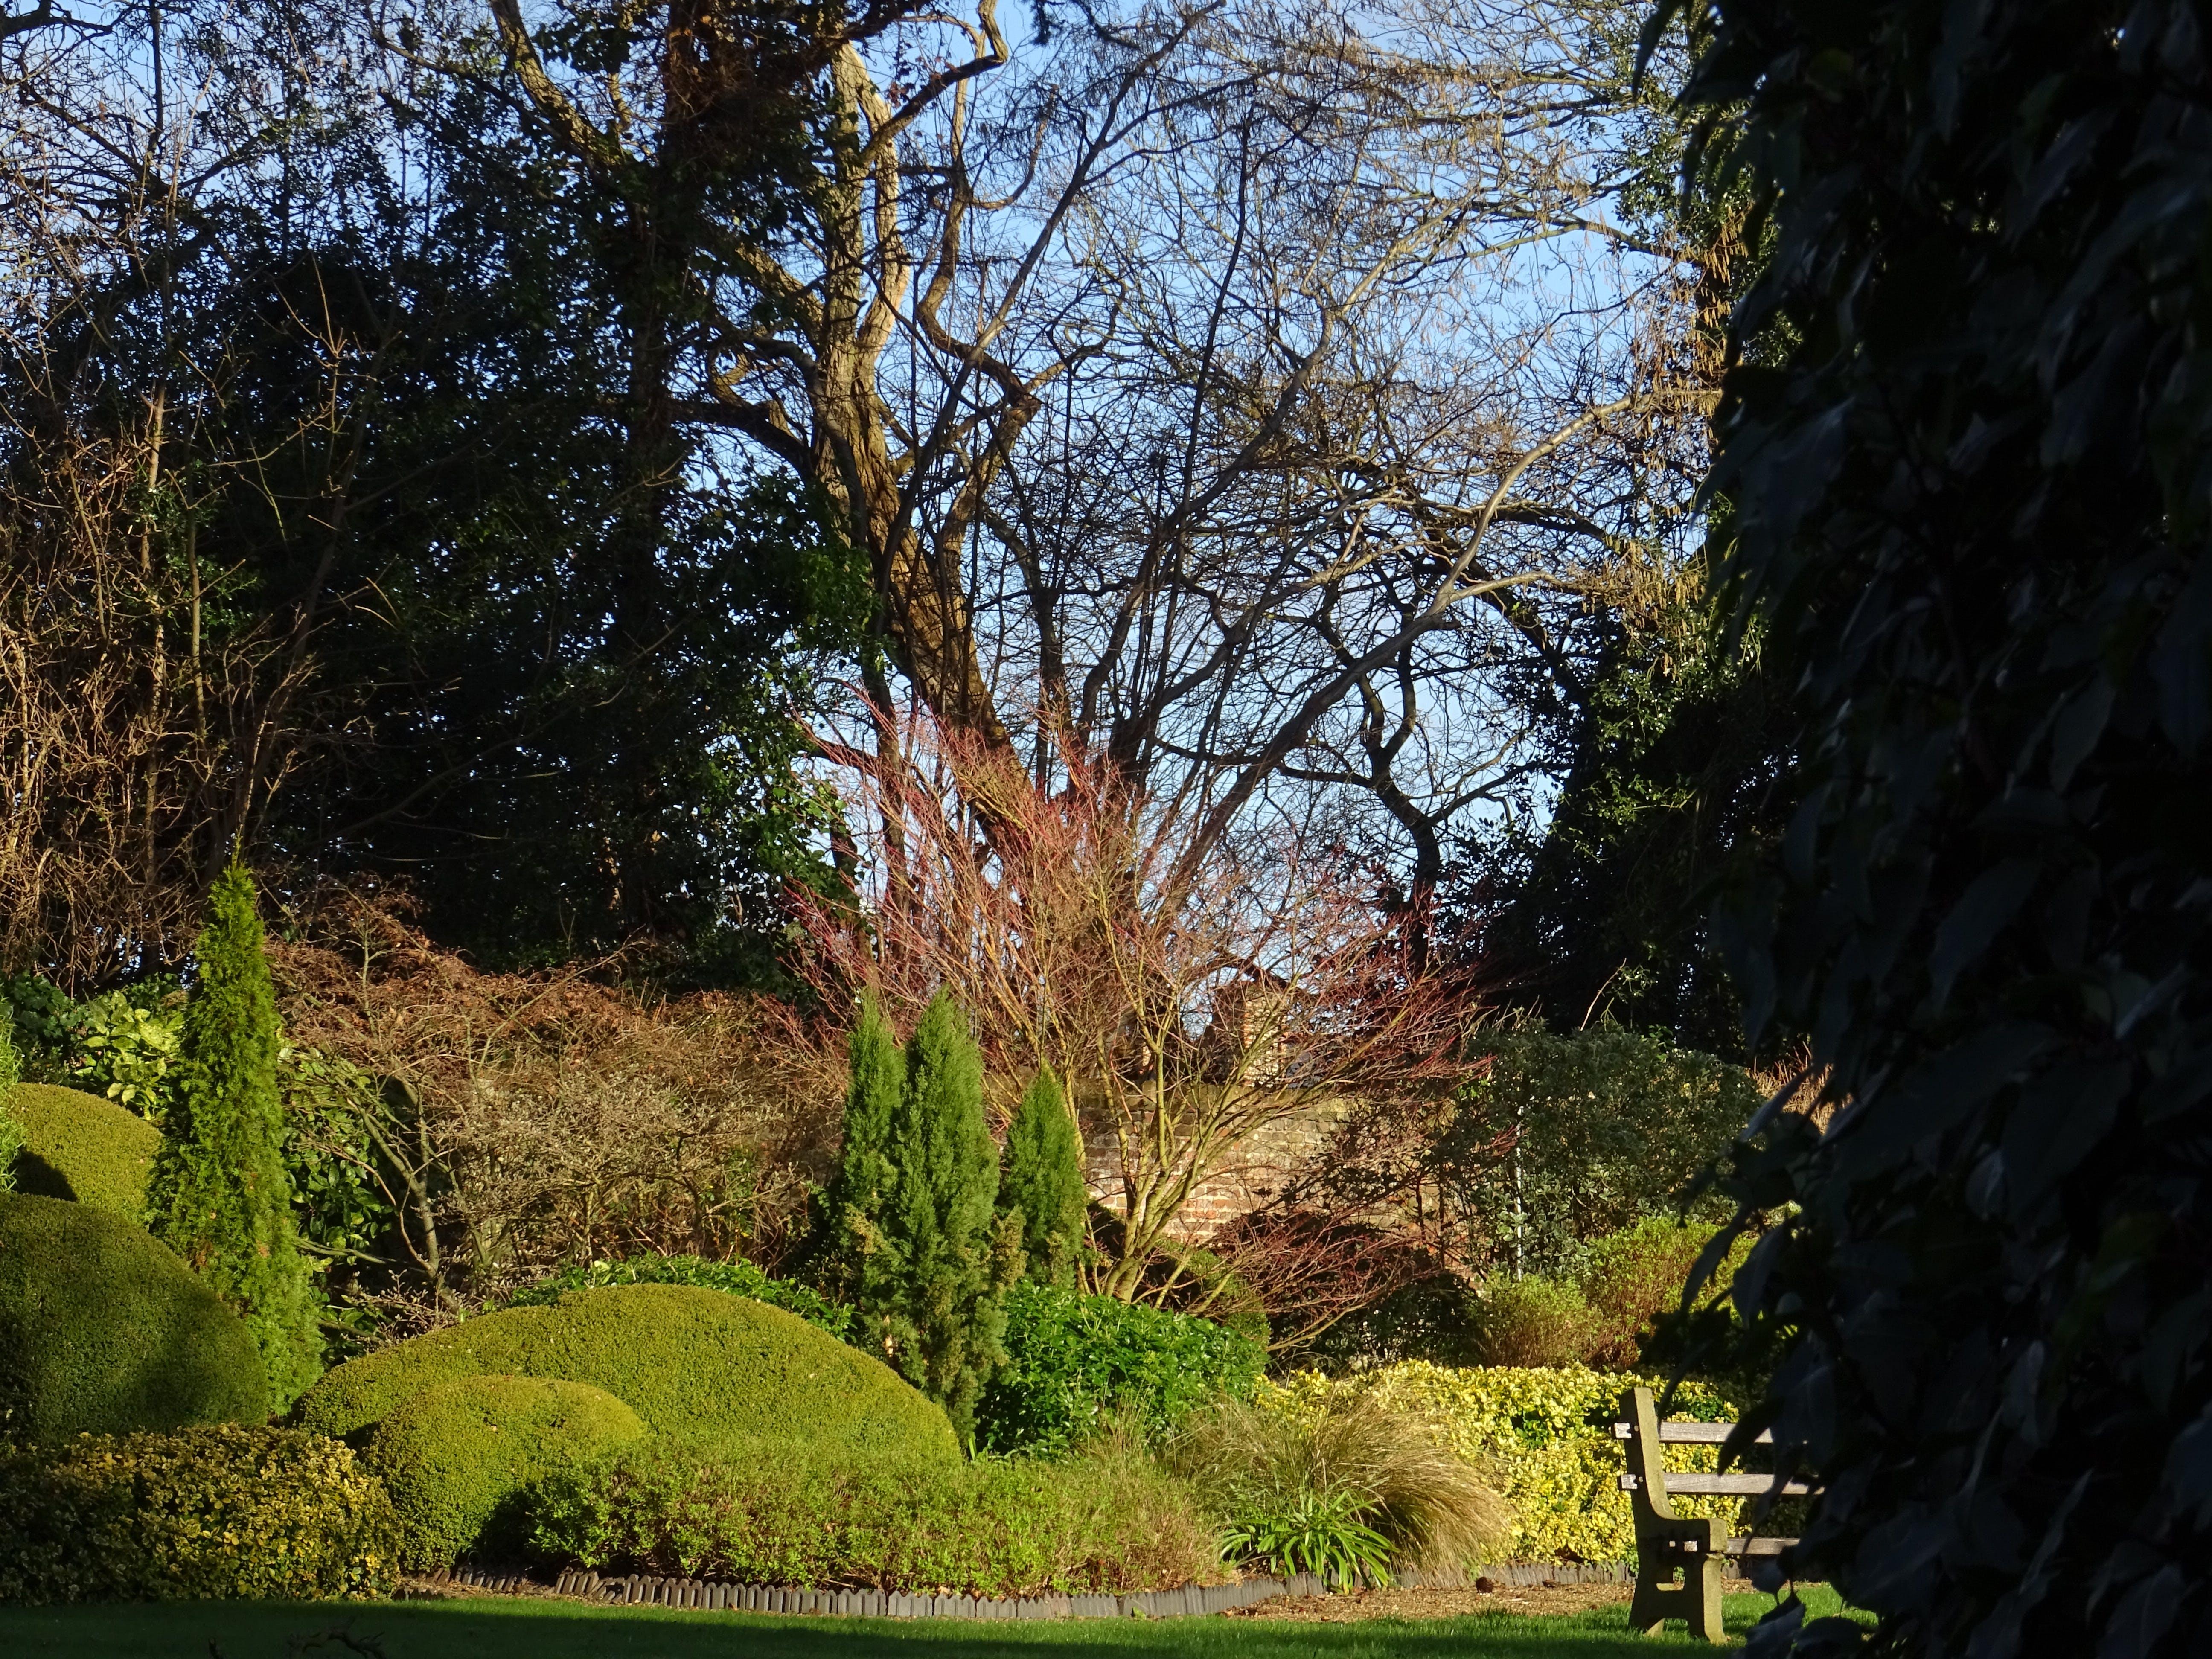 Fotos de stock gratuitas de arboles, banco, césped, jardín